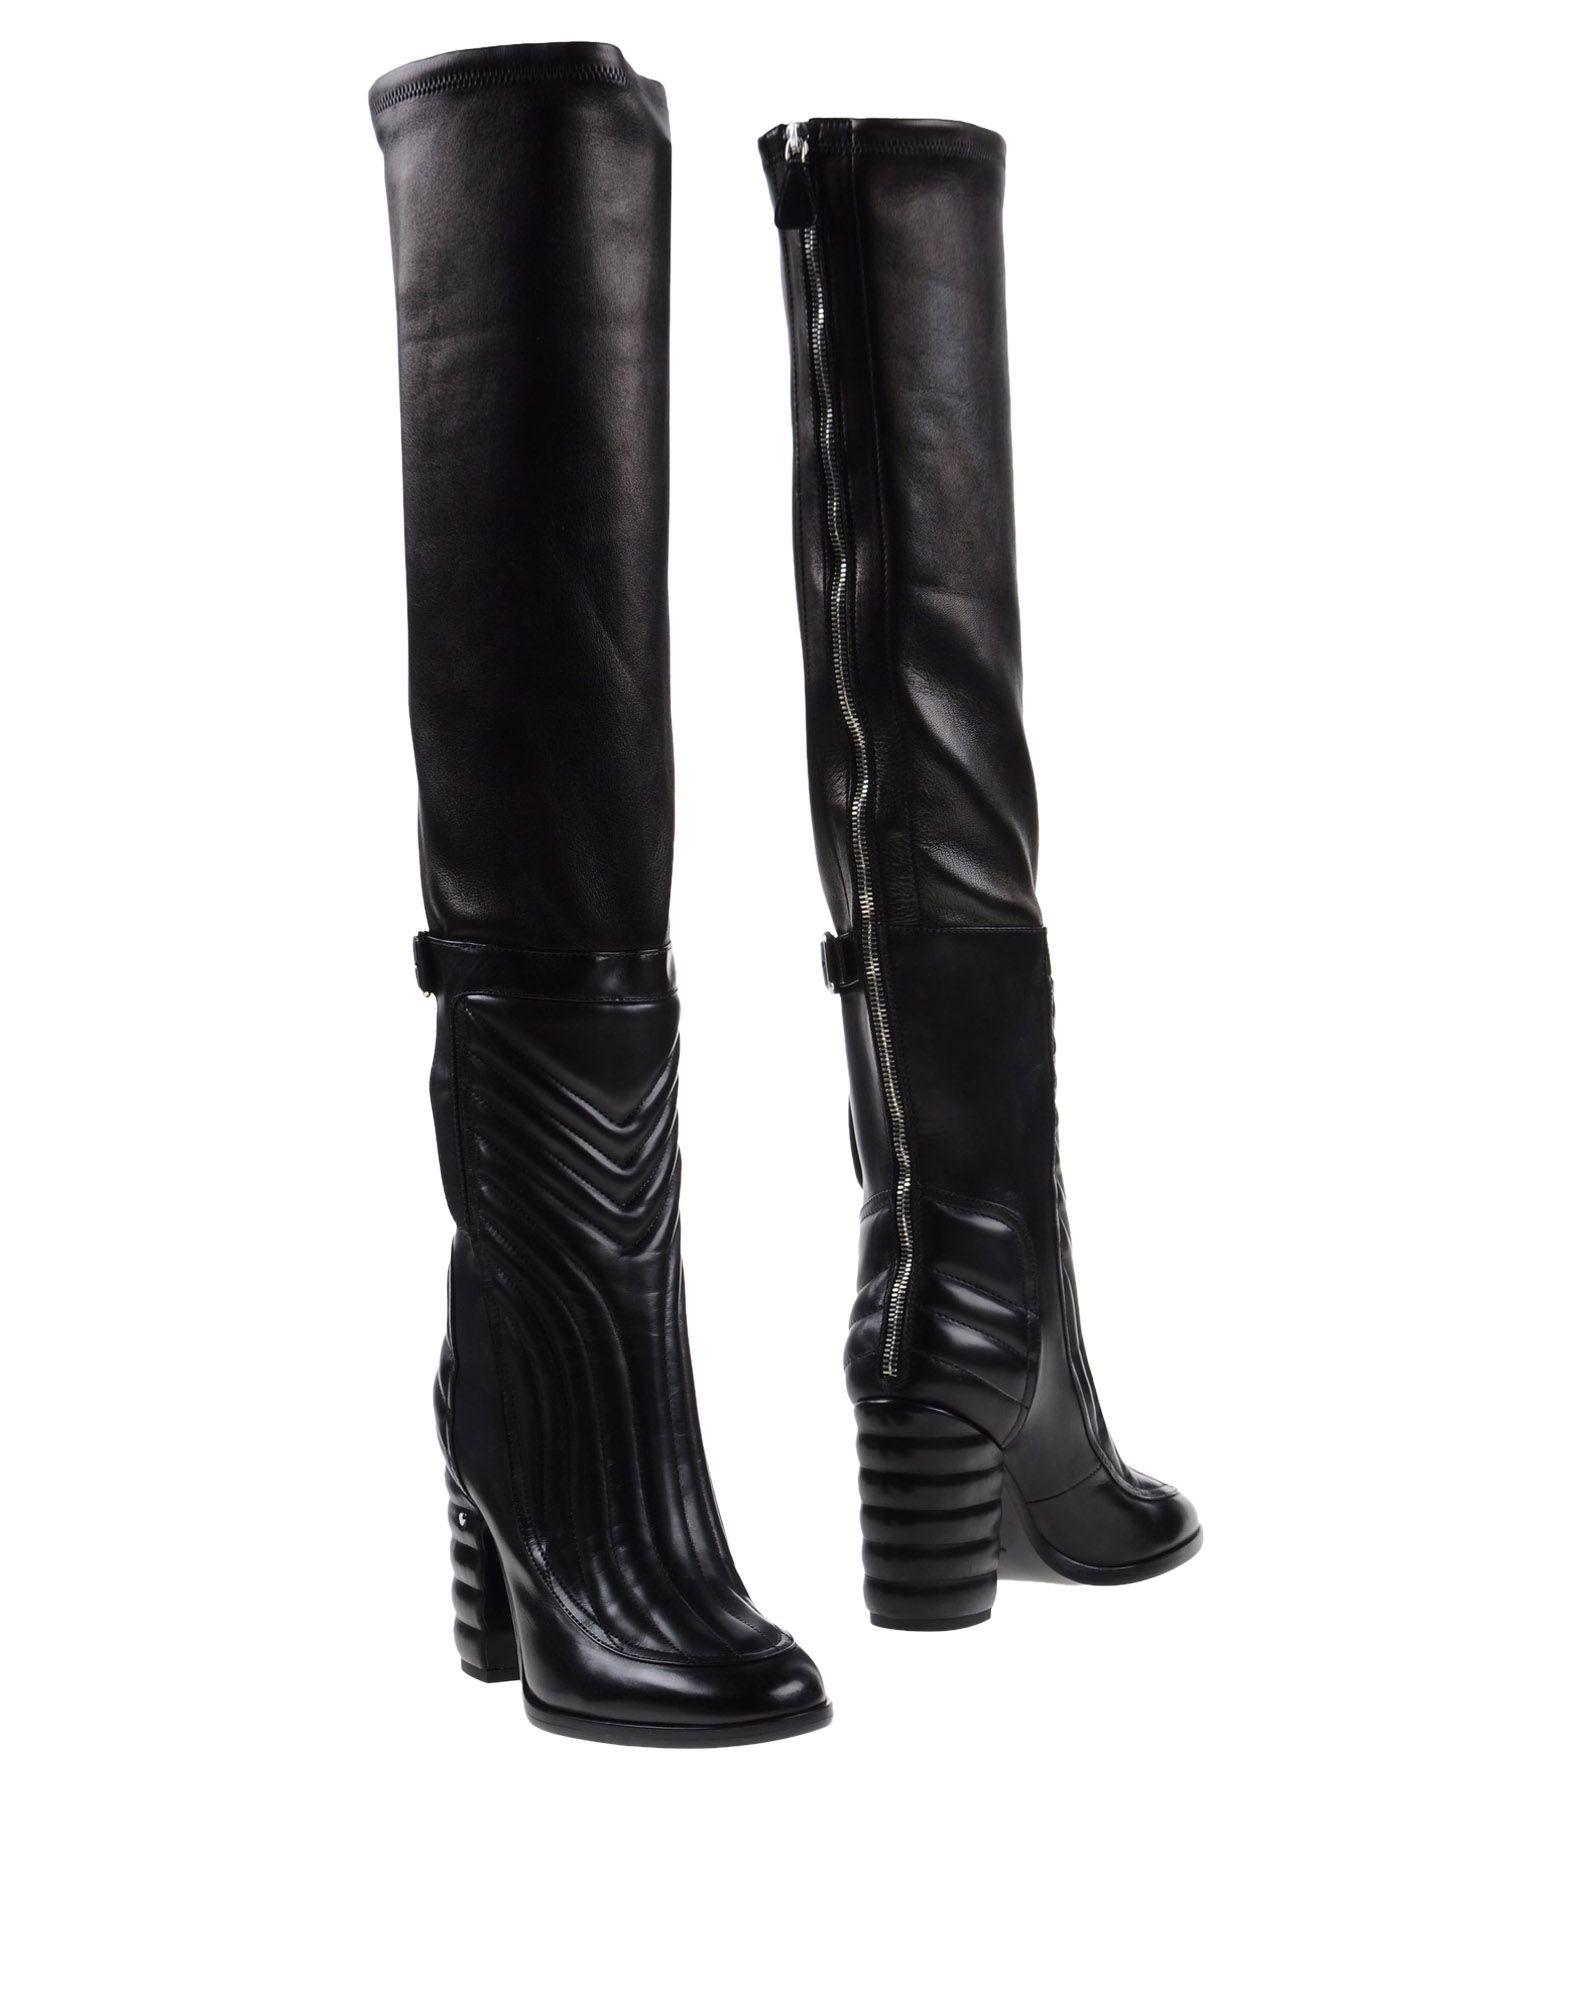 《送料無料》LAURENCE DACADE レディース ブーツ ブラック 37.5 牛革(カーフ)